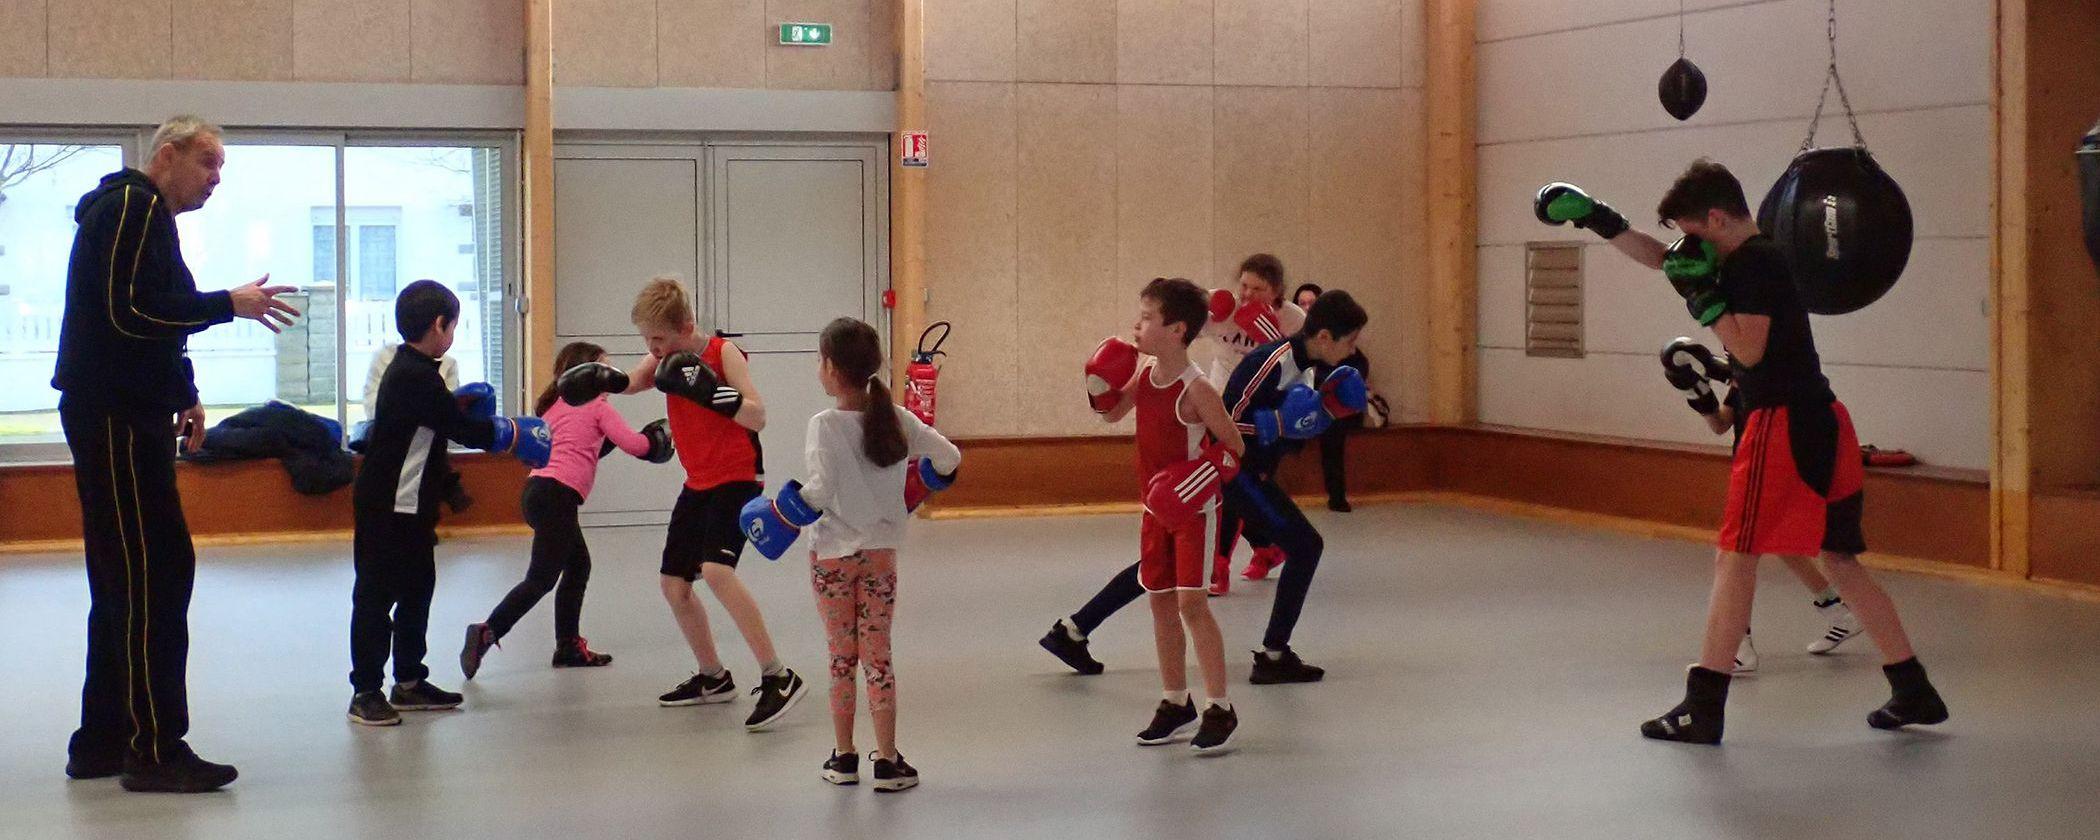 Boxe OSEN Saint-Malo